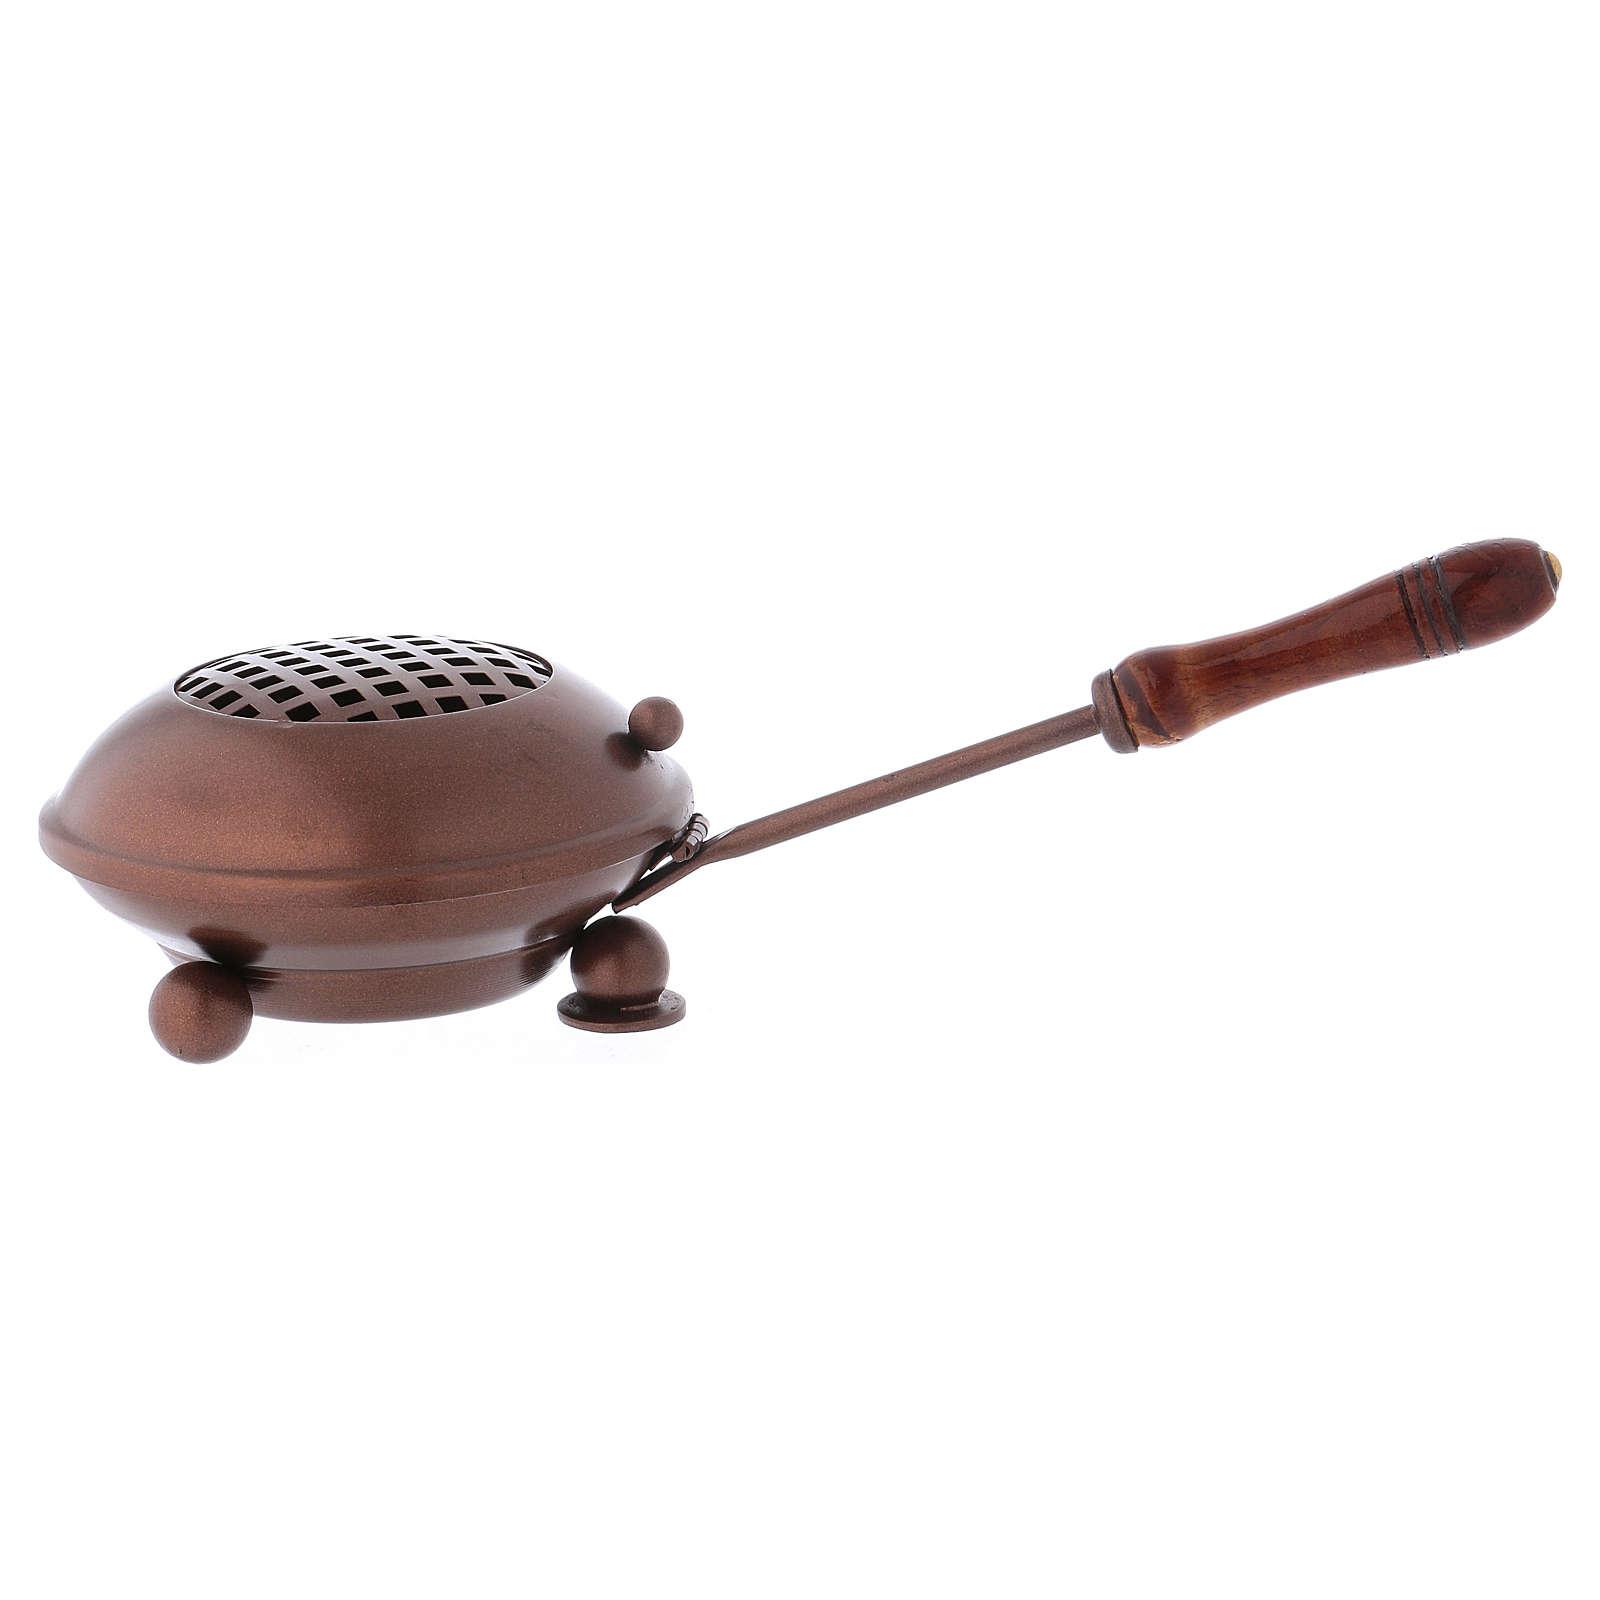 Räucherschale Eisen mit Kupferfinish und Holzgriff 3